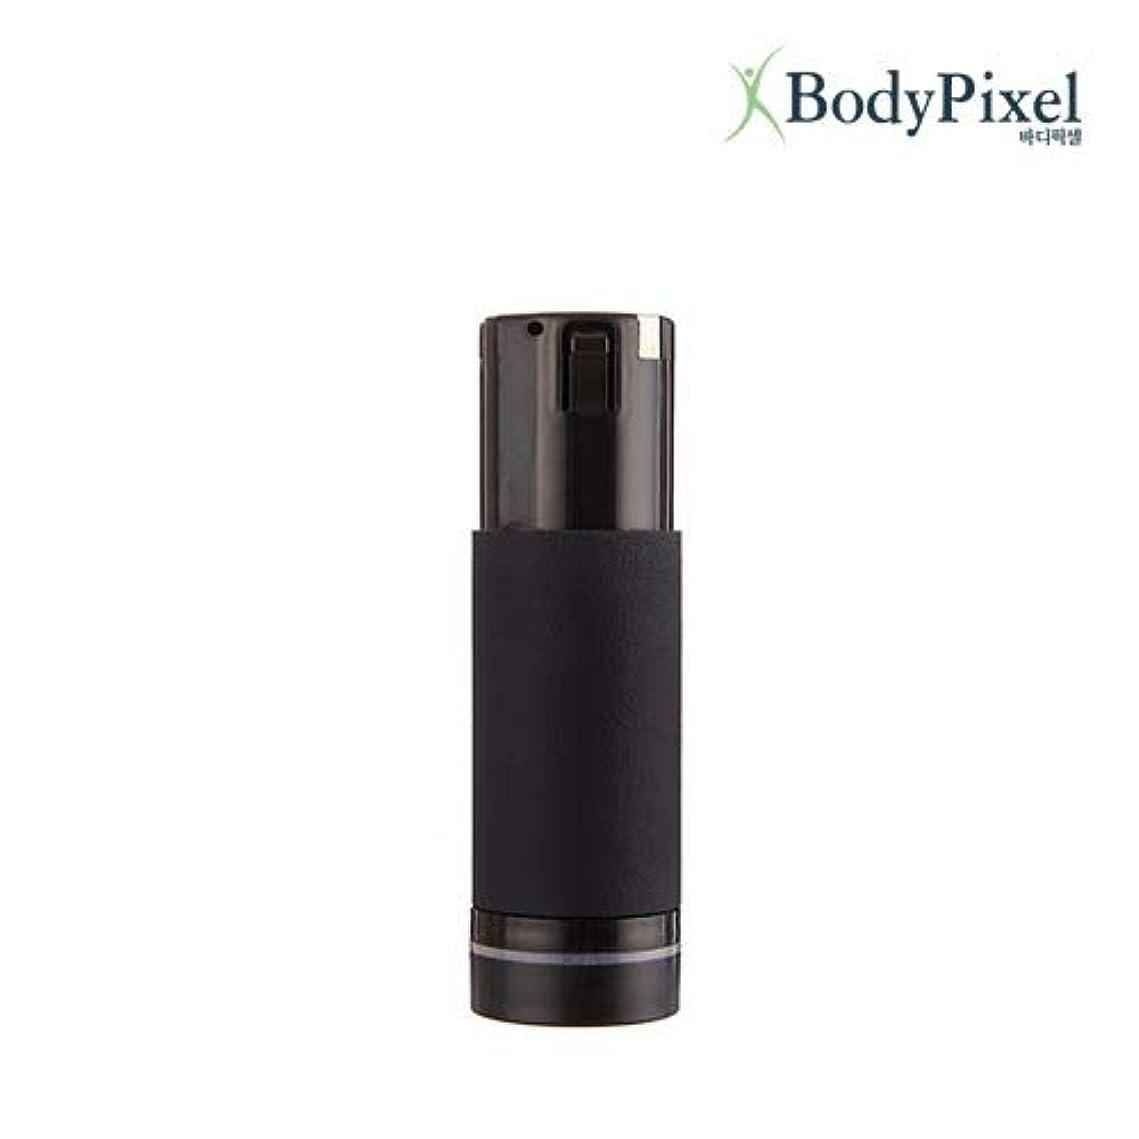 のスコア泥だらけ不運[BodyPixel] ボディーピクセル マッスルガン + チップ4種追加 + バッテリー追加